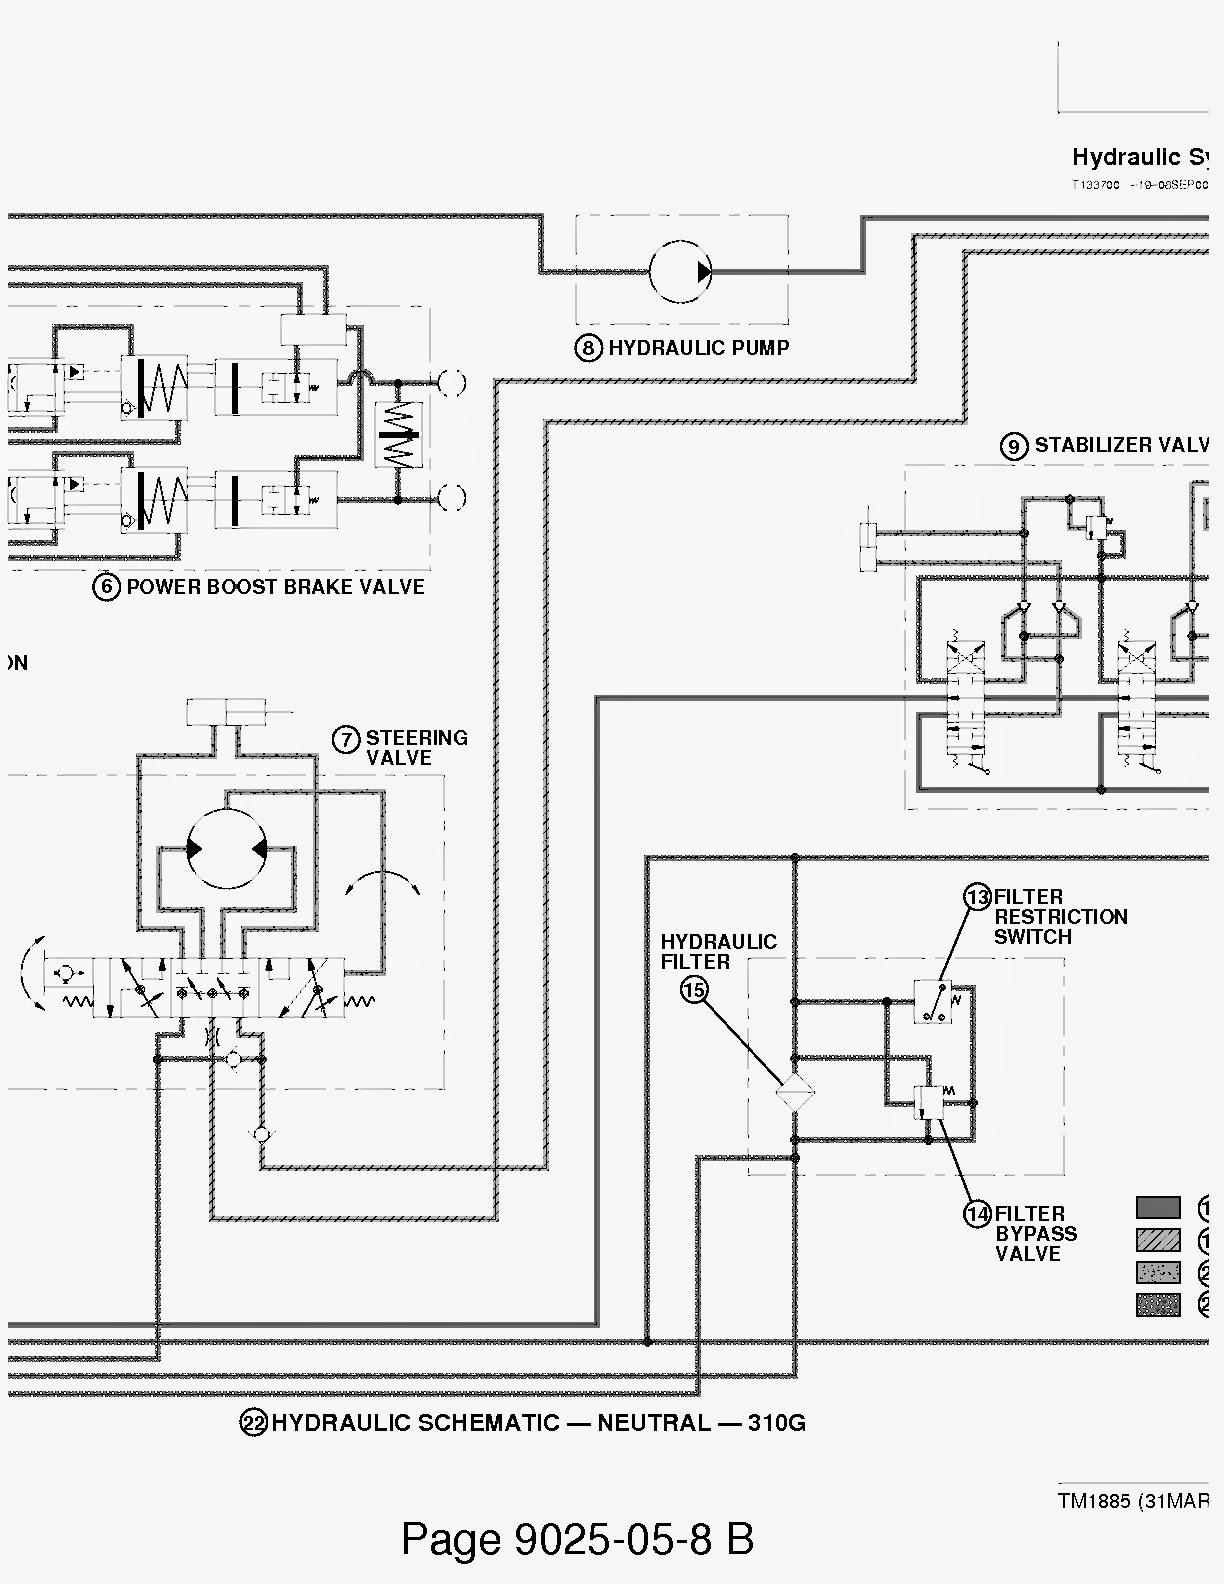 John Deere 310 Backhoe Wiring Diagram | Wiring Library